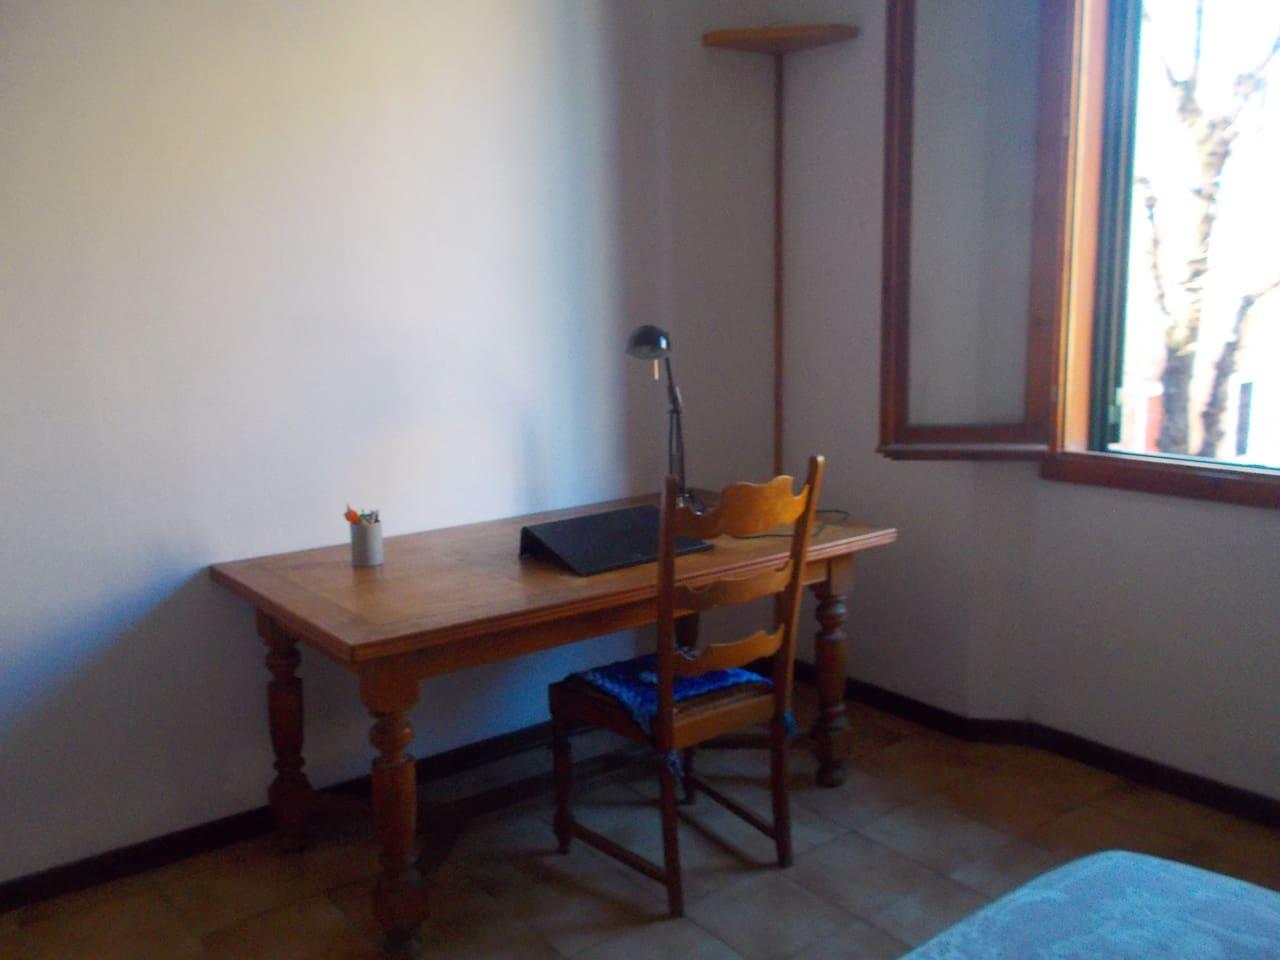 Angolo luminoso con scrivania, lampada e poggia pc